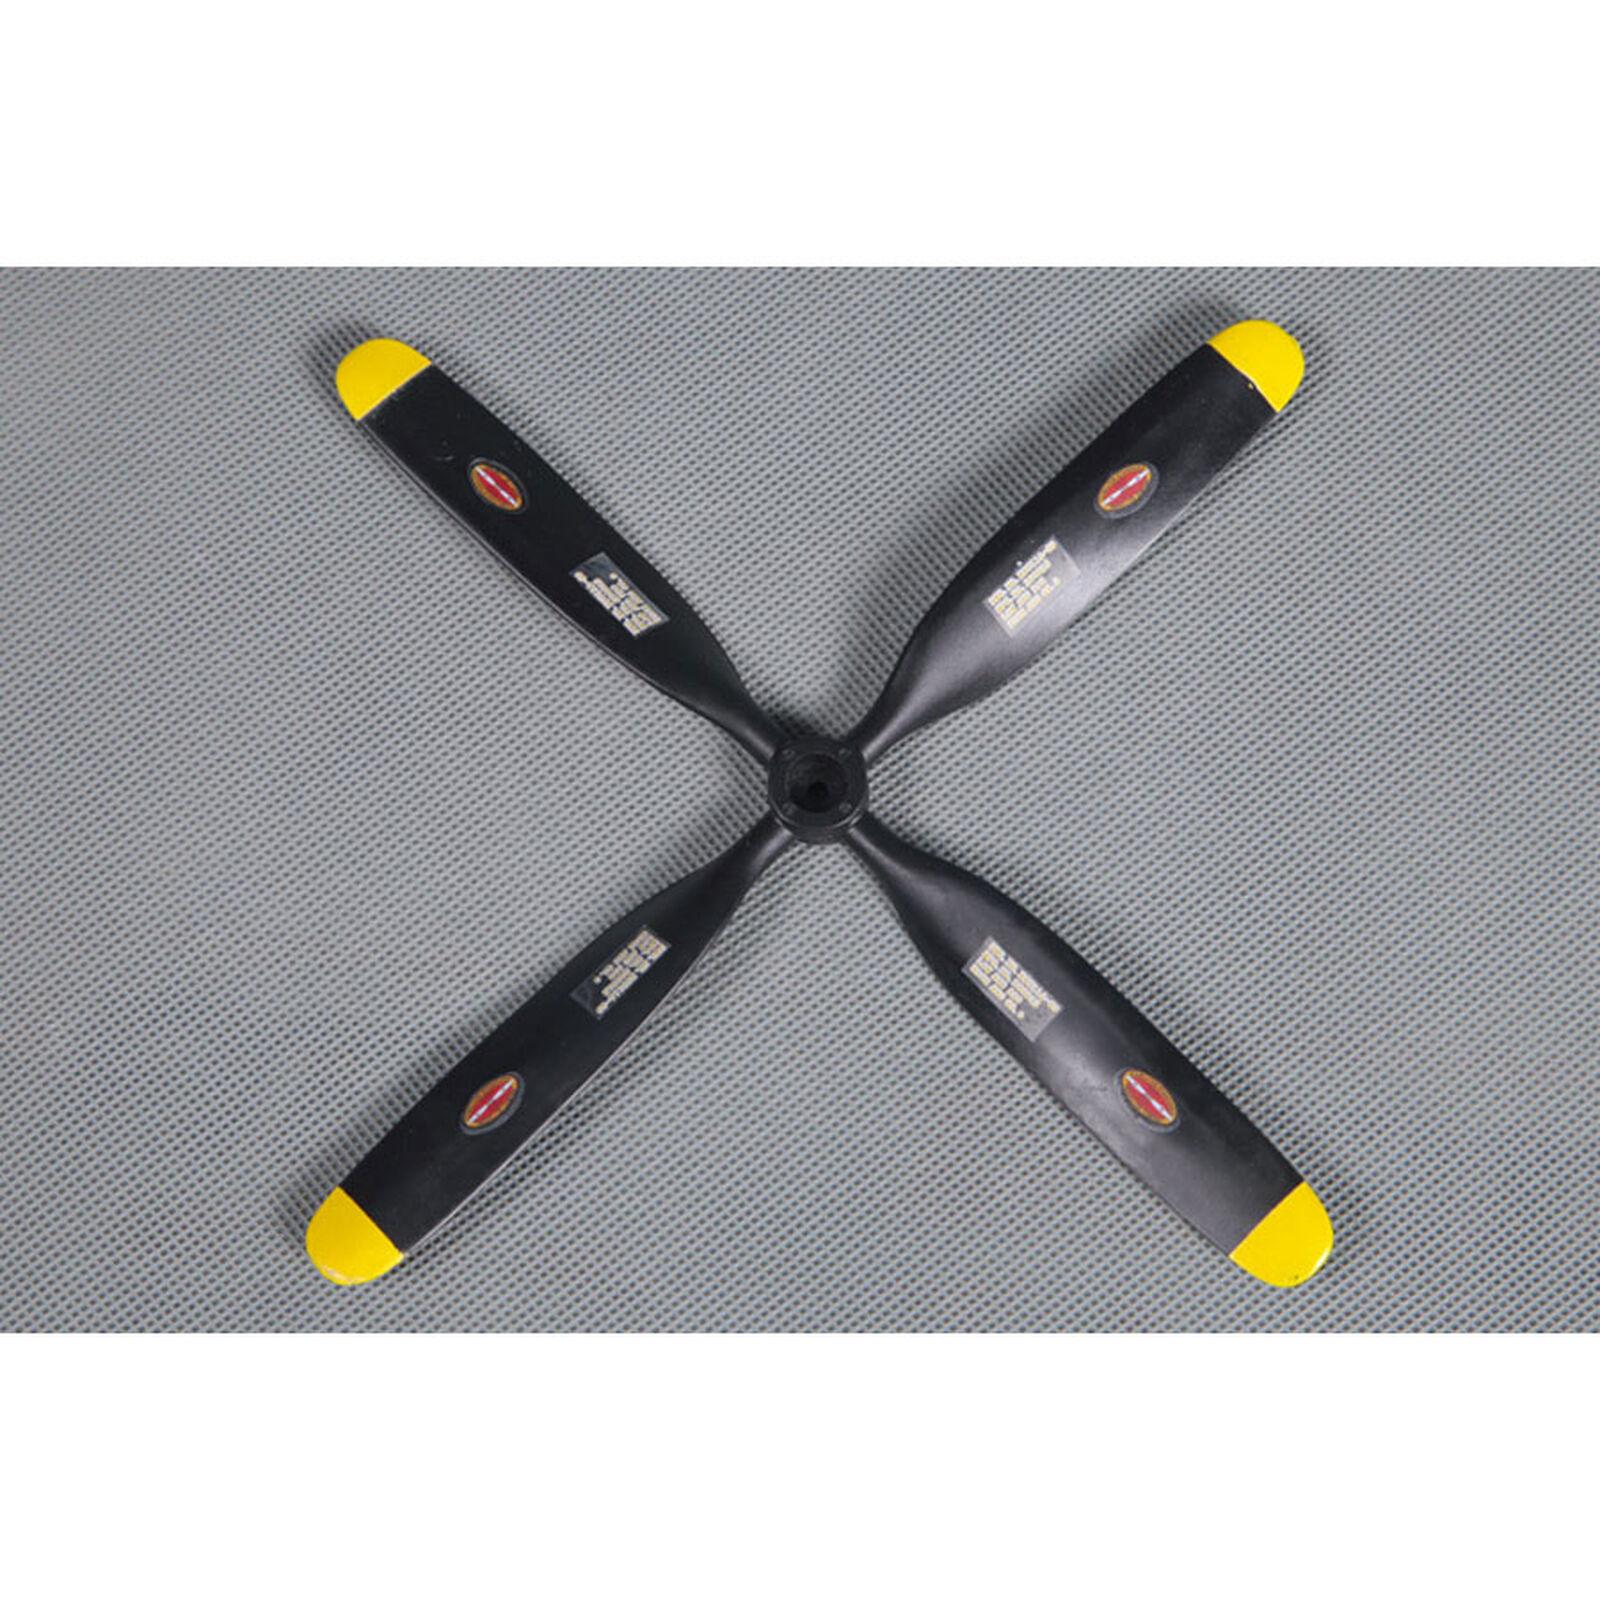 Propeller, 7 x 5.4, 4-Blade: 800mm P51 V2